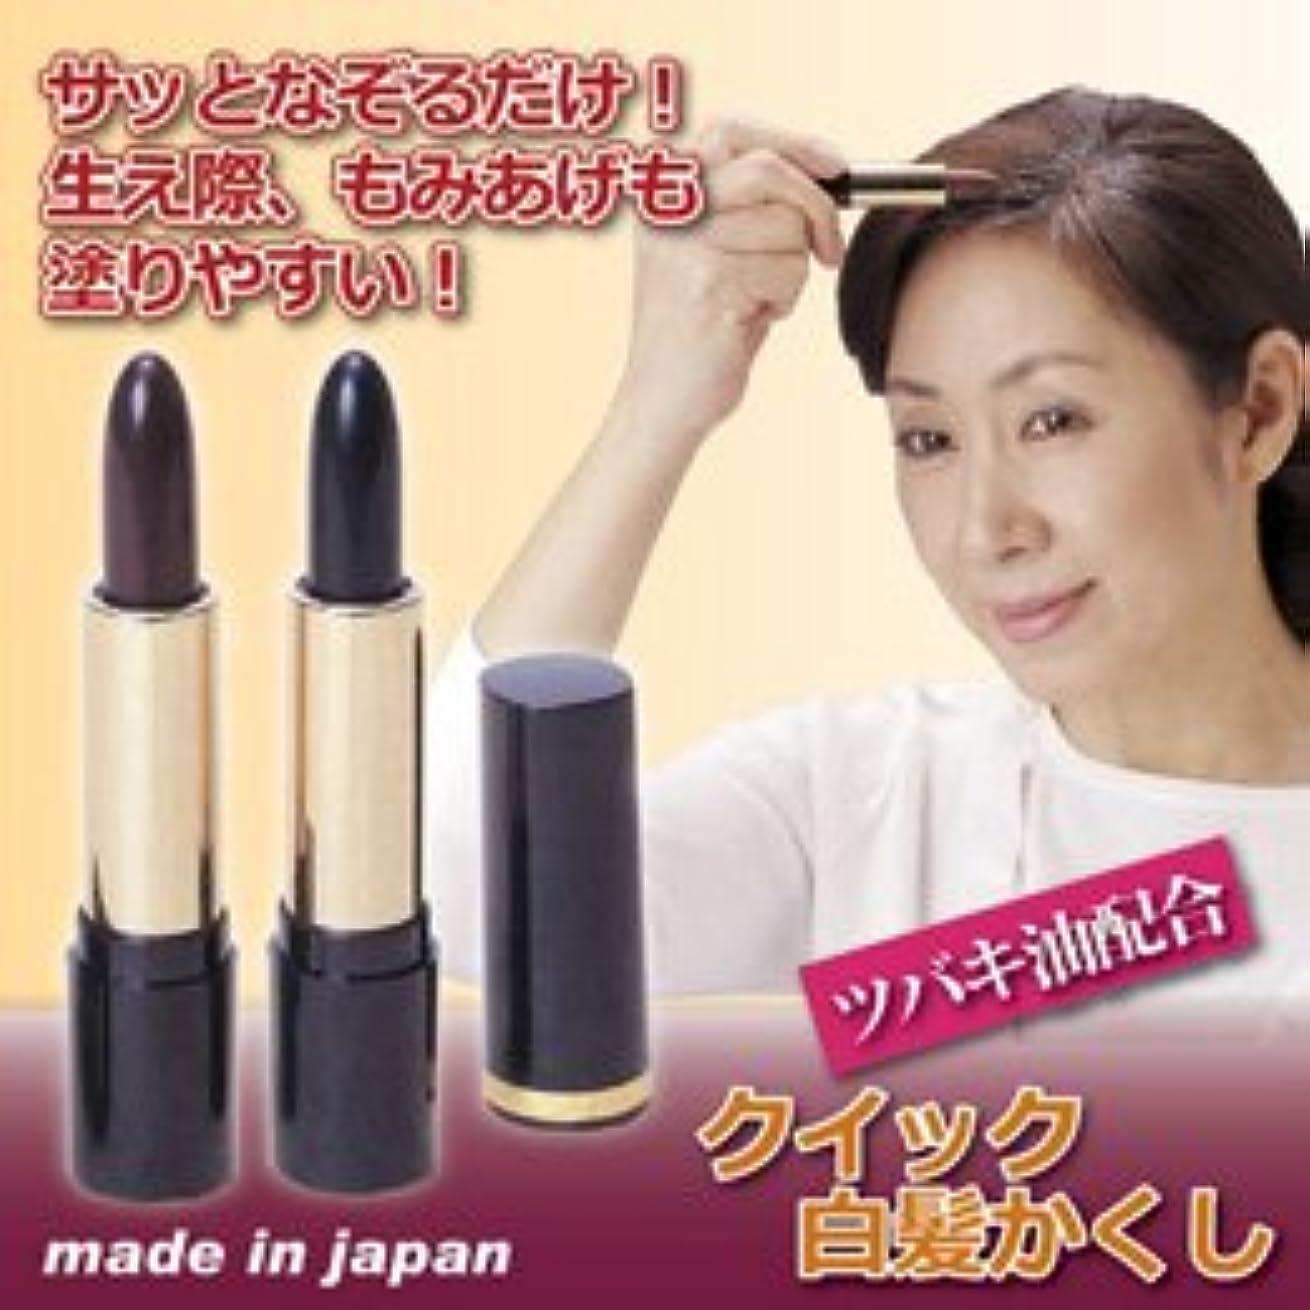 大阪化粧品 クイック白髪かくし ブラウン 8078232